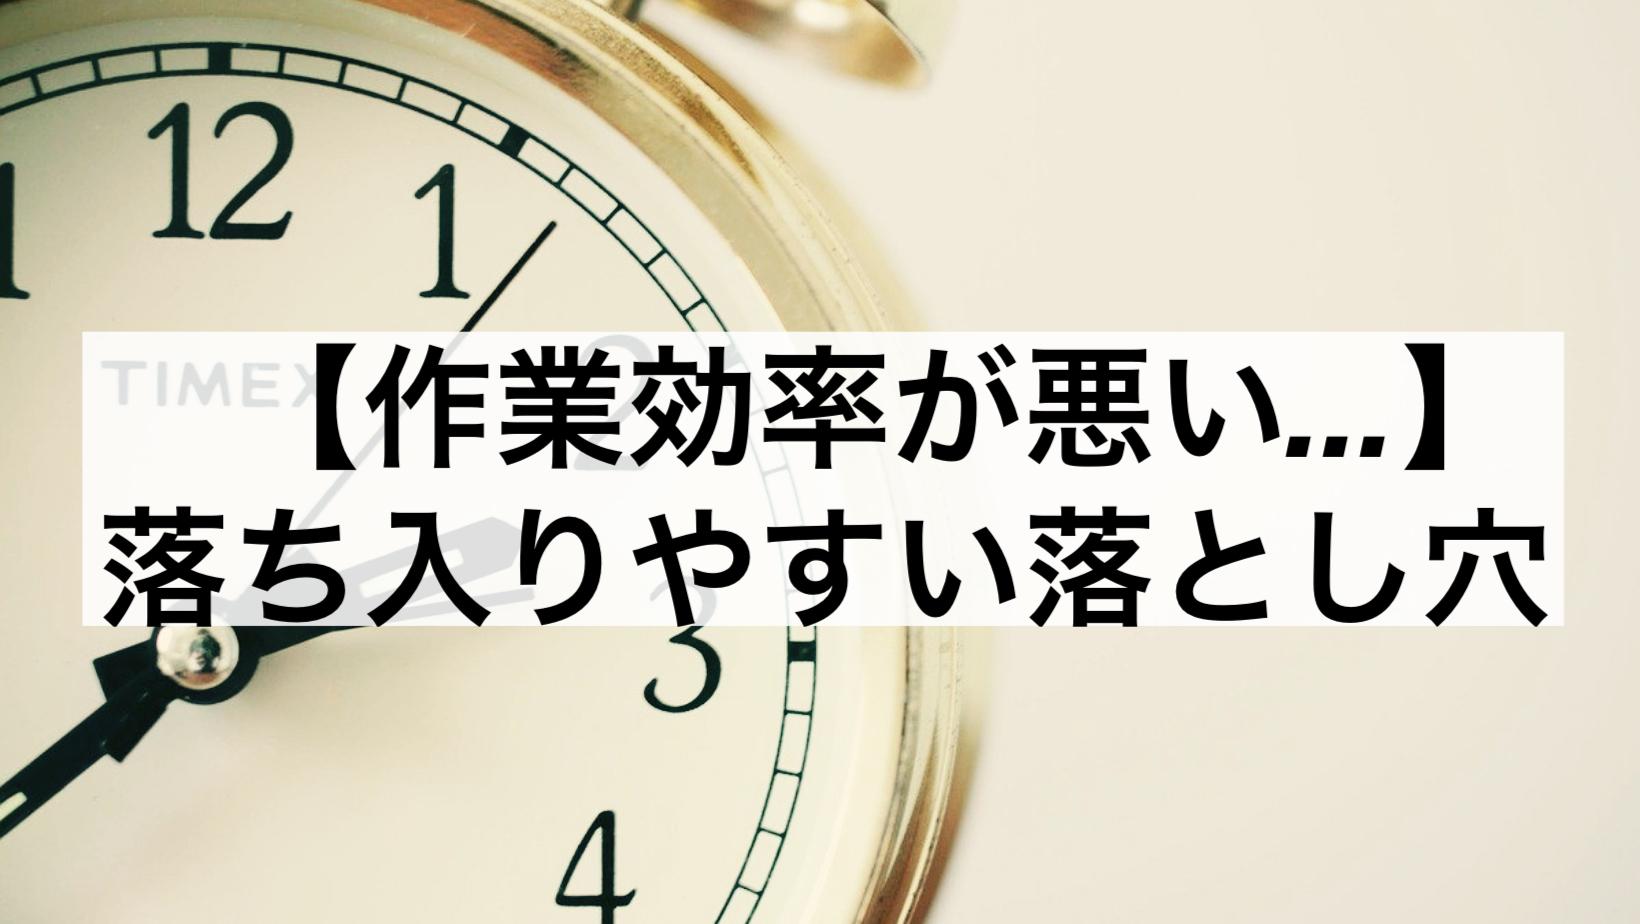 【あ〜、作業進まね〜な〜】日本人が落ち入りやすい意外な落とし穴とは??